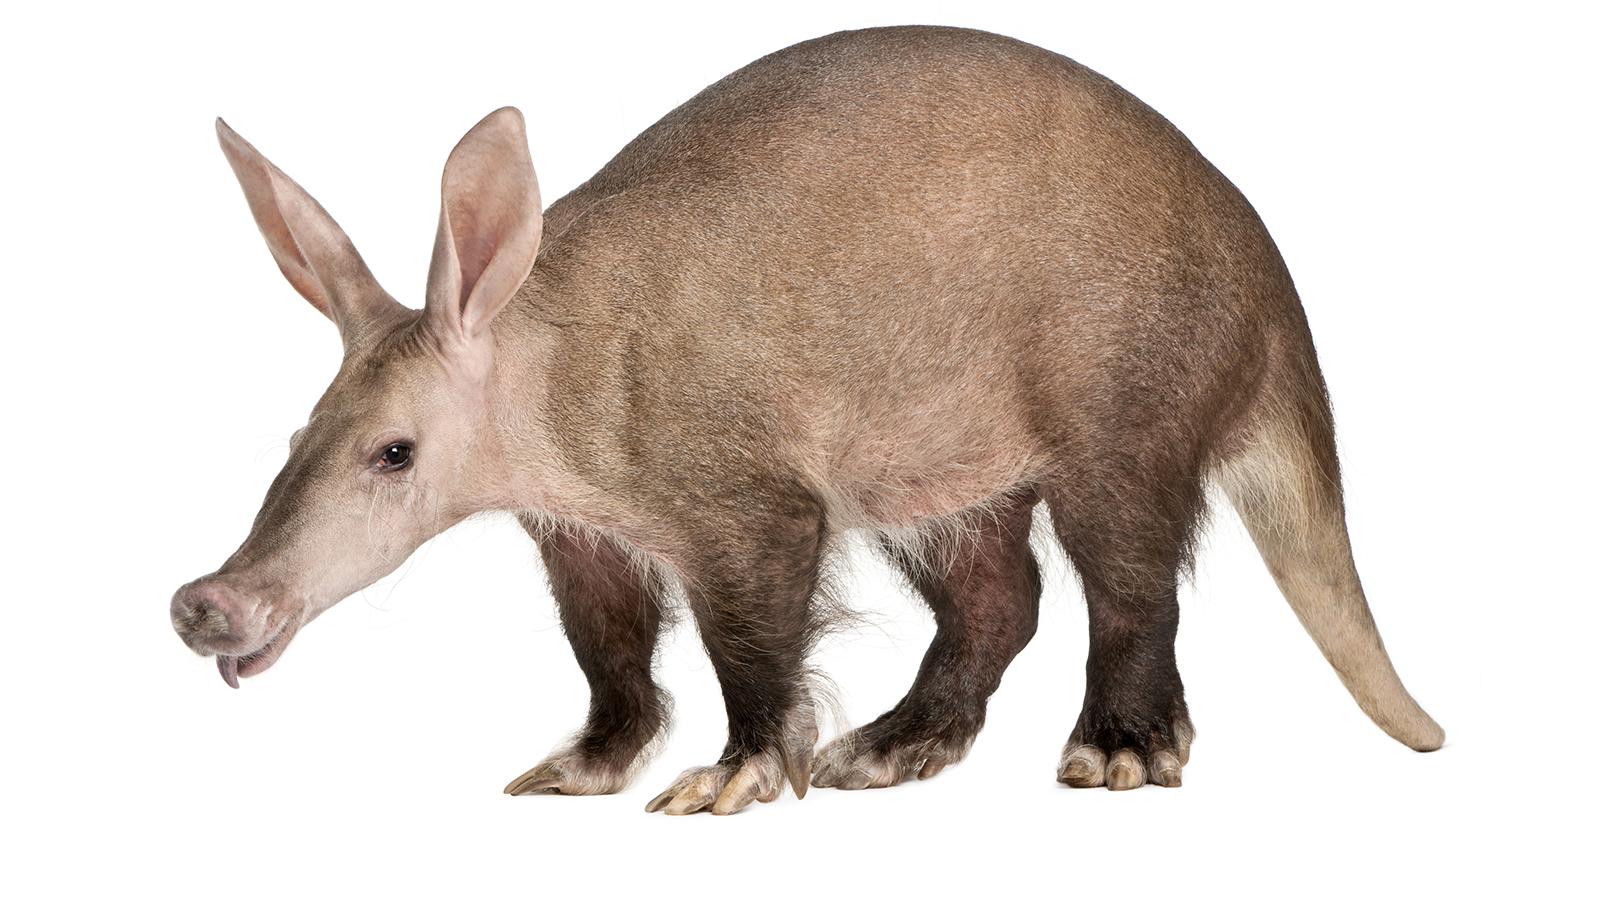 Aardvark animal image